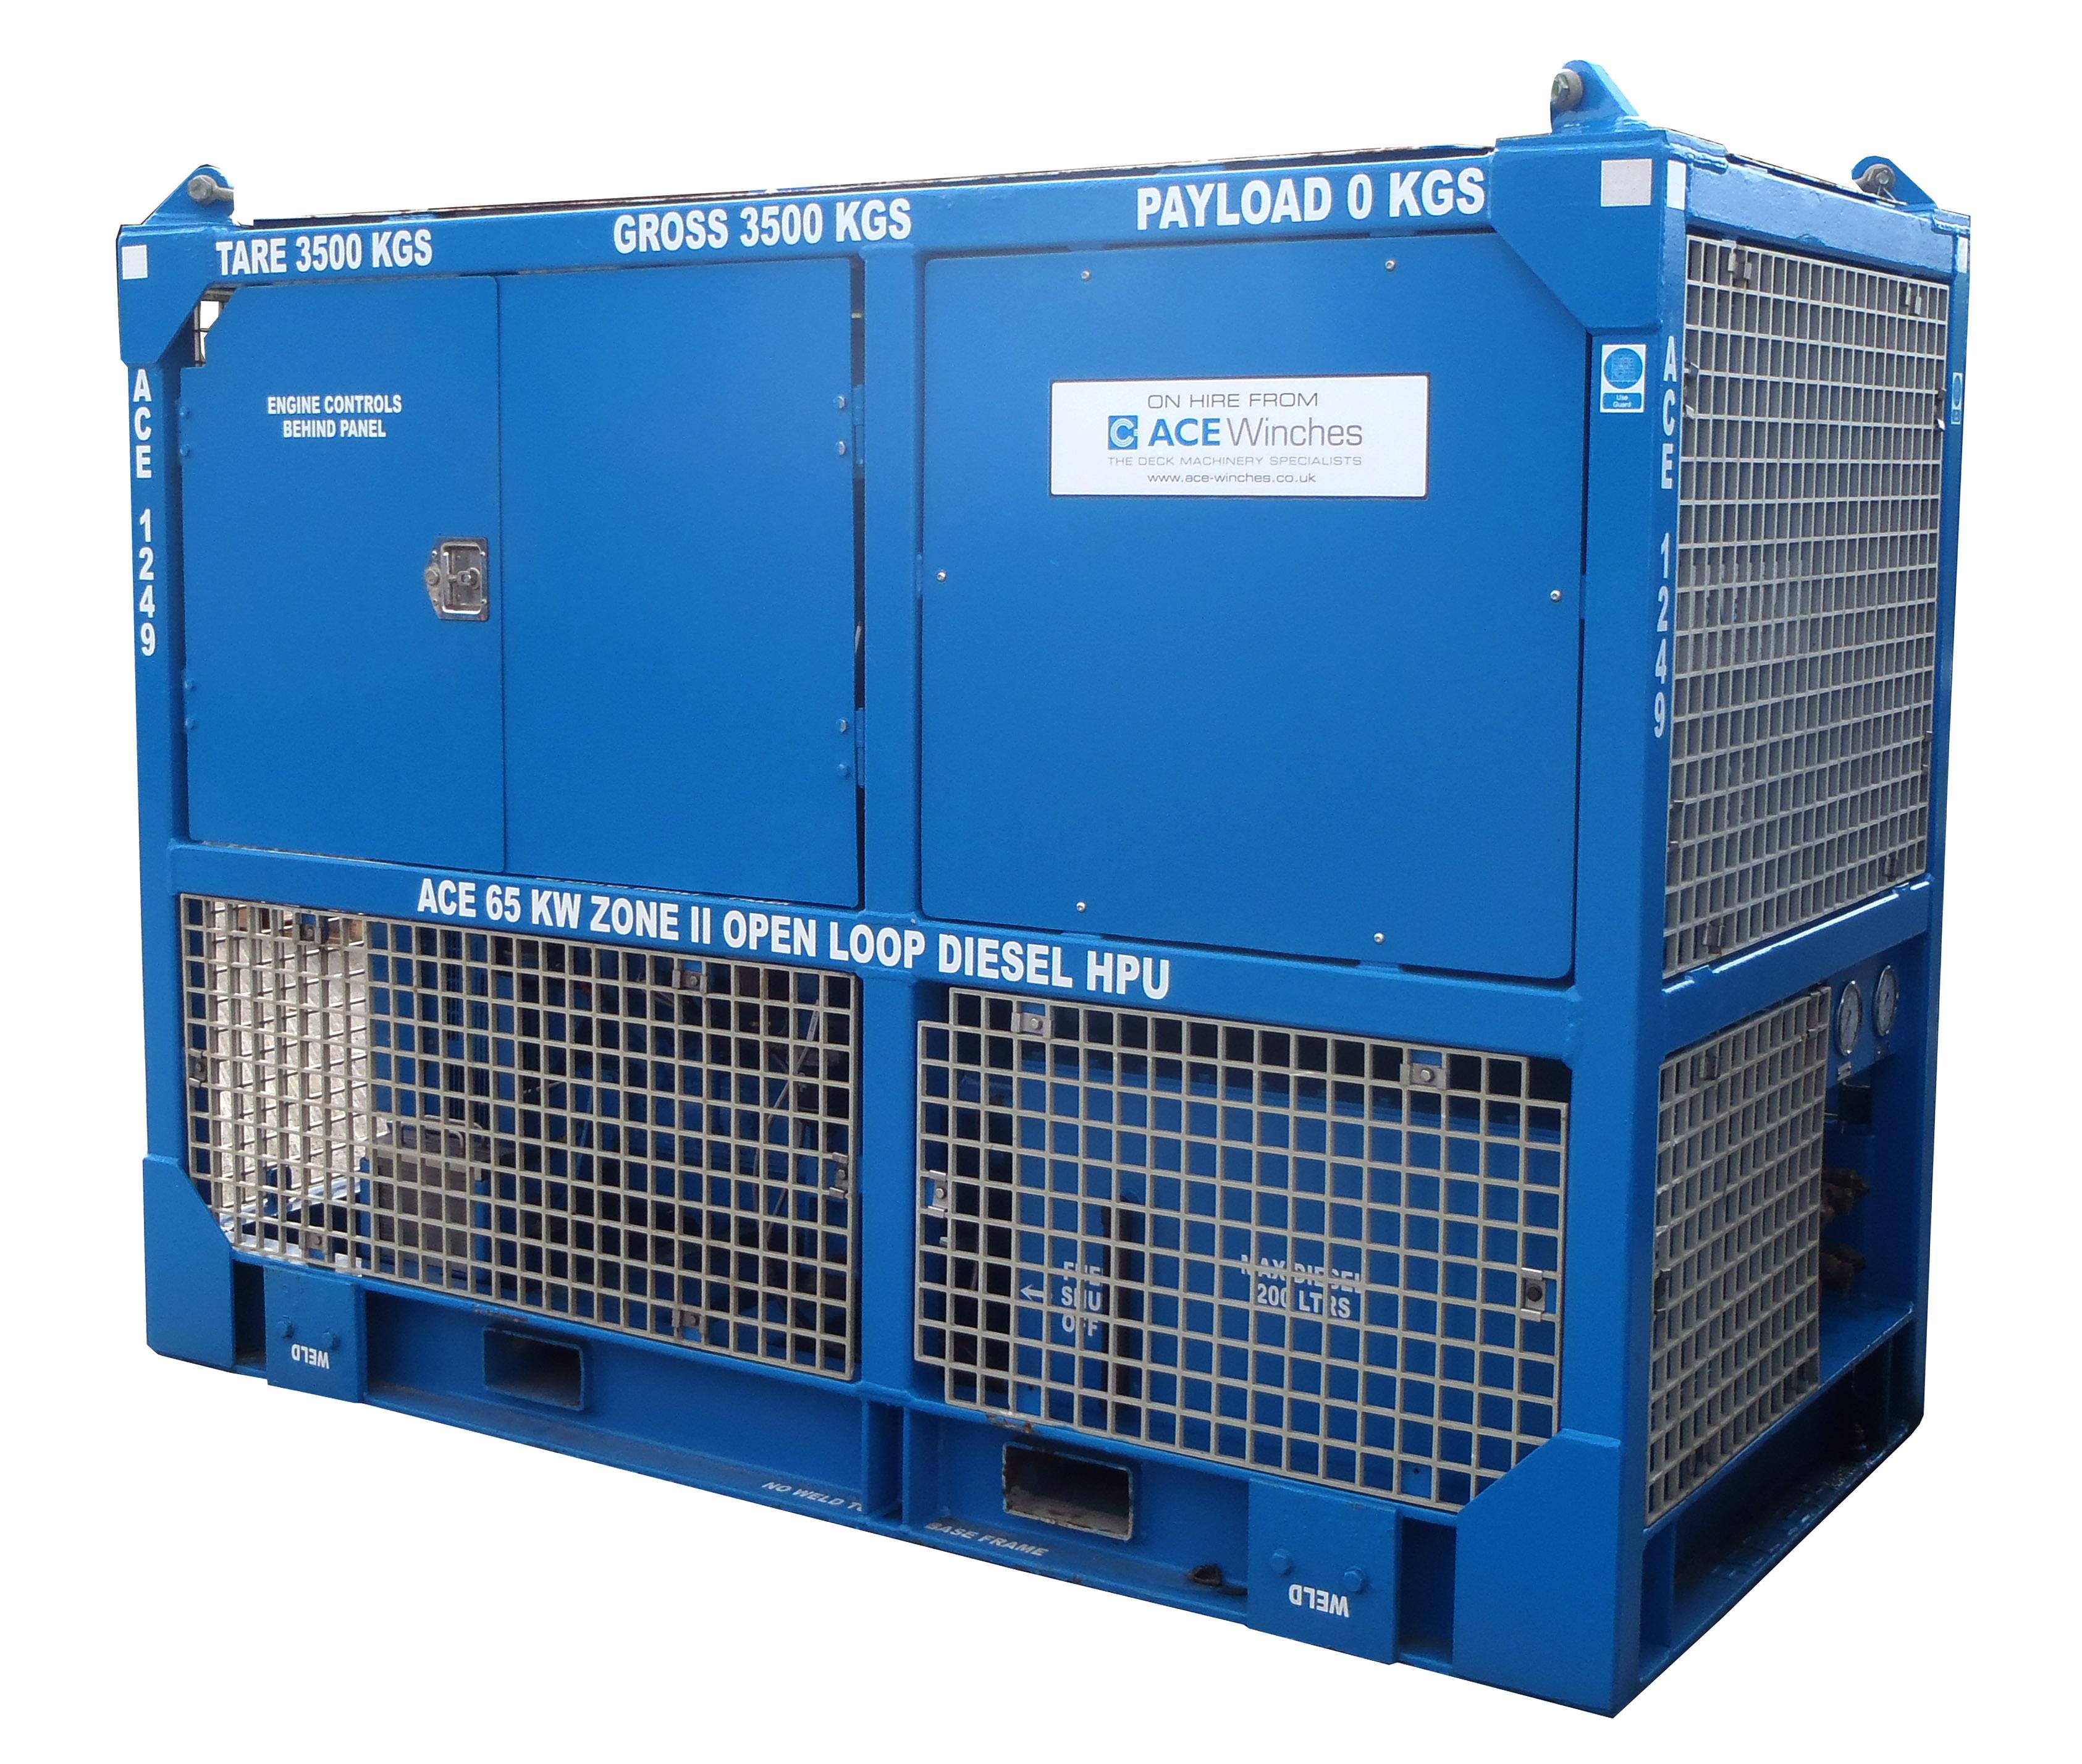 ACE 65kW Zone 2 Open Loop Diesel HPU